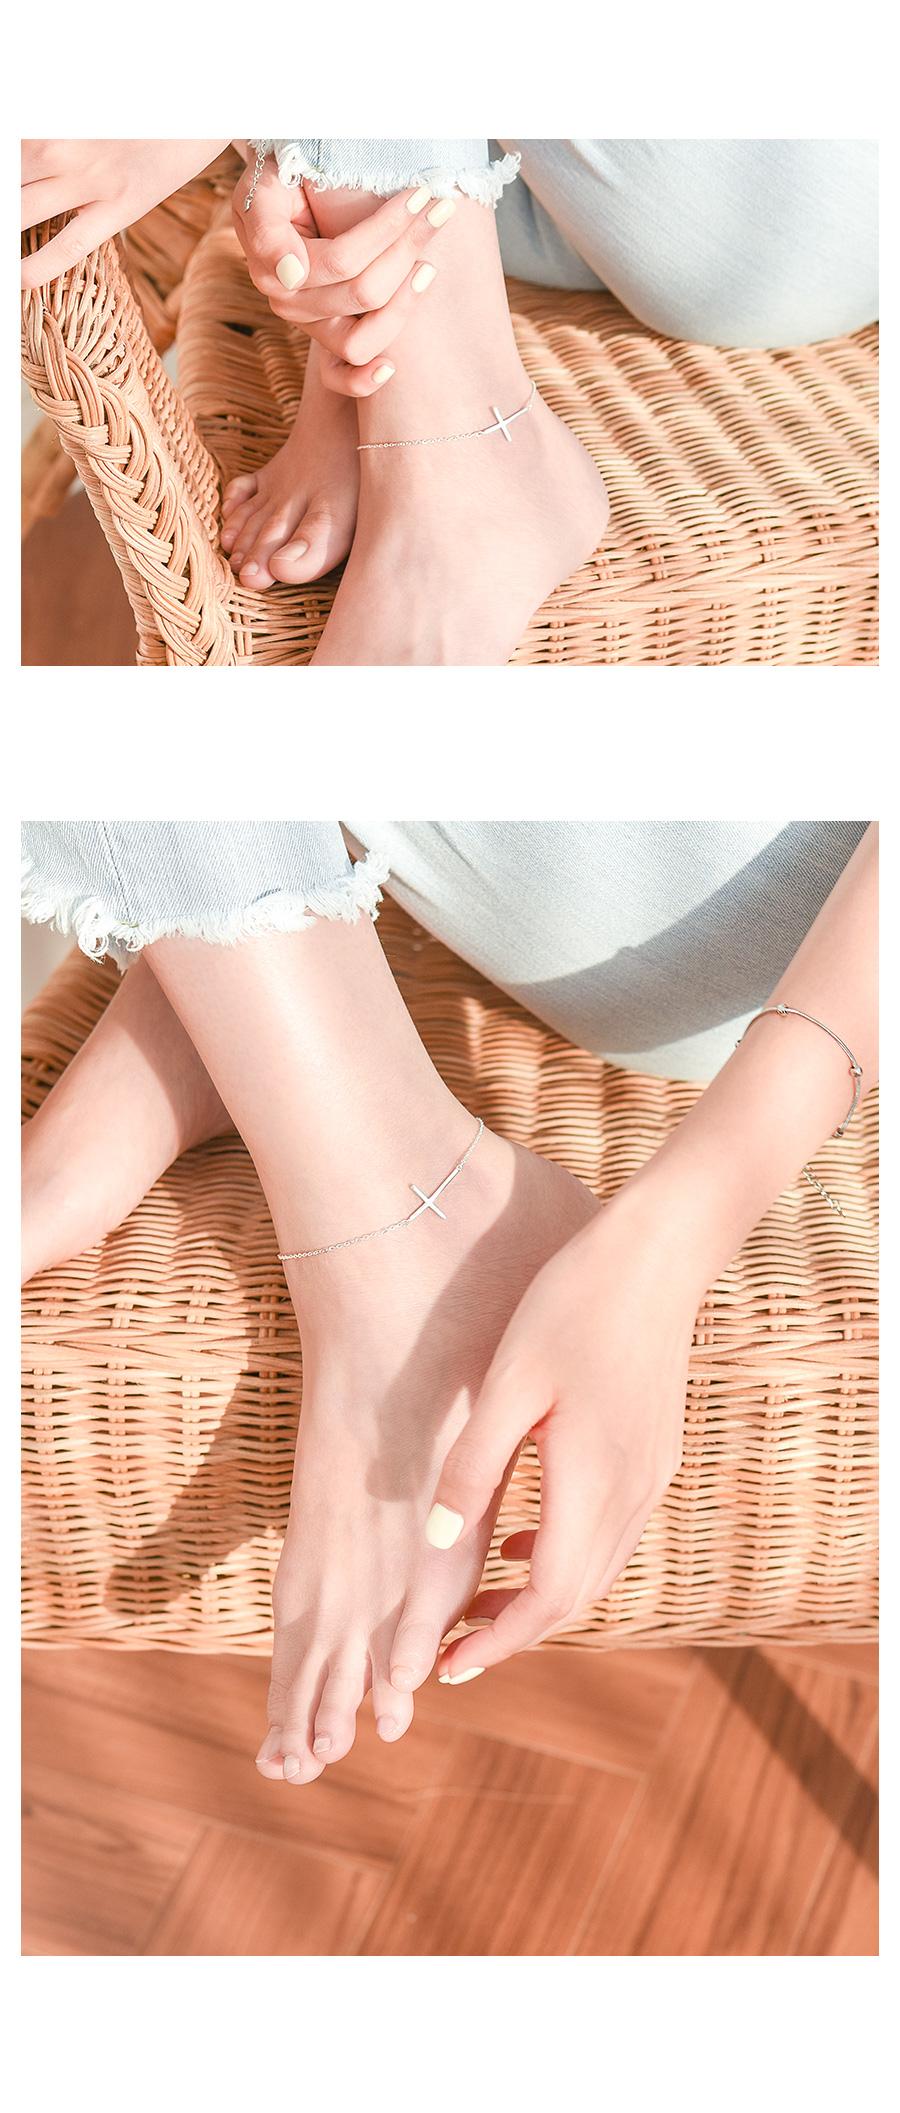 심플 체인 십자가 은발찌 - 데일리유니크, 24,900원, 발찌, 패션발찌